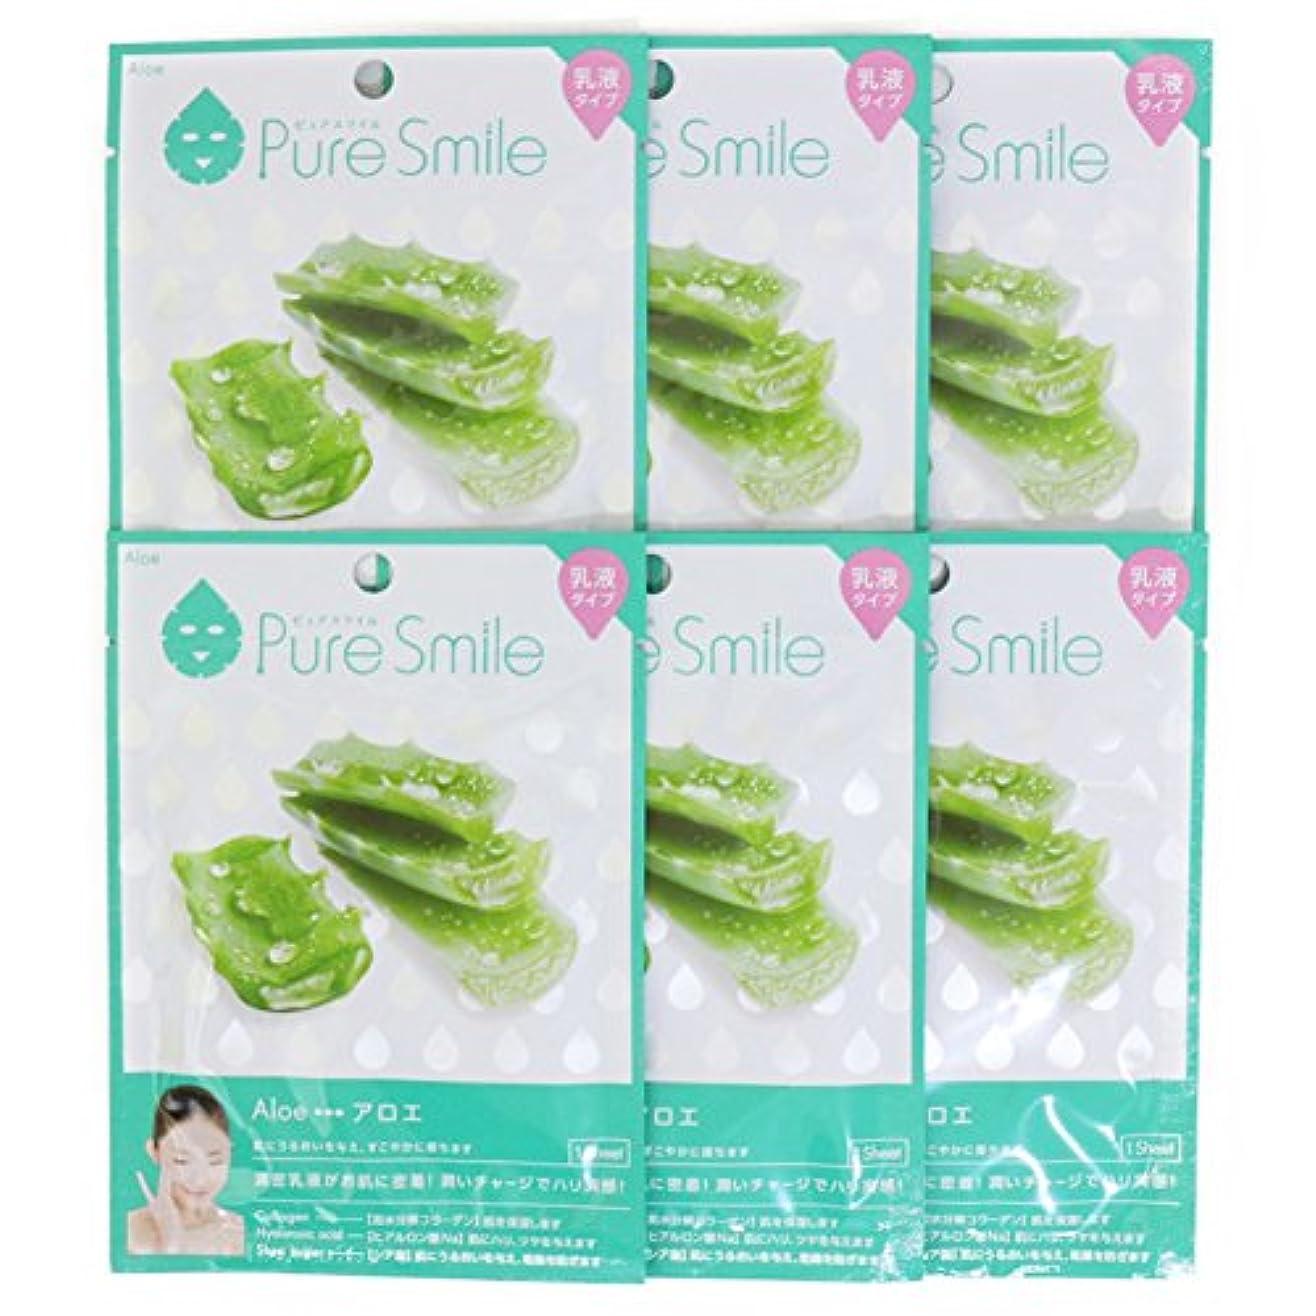 バット純粋な概念Pure Smile ピュアスマイル 乳液エッセンスマスク アロエ 6枚セット